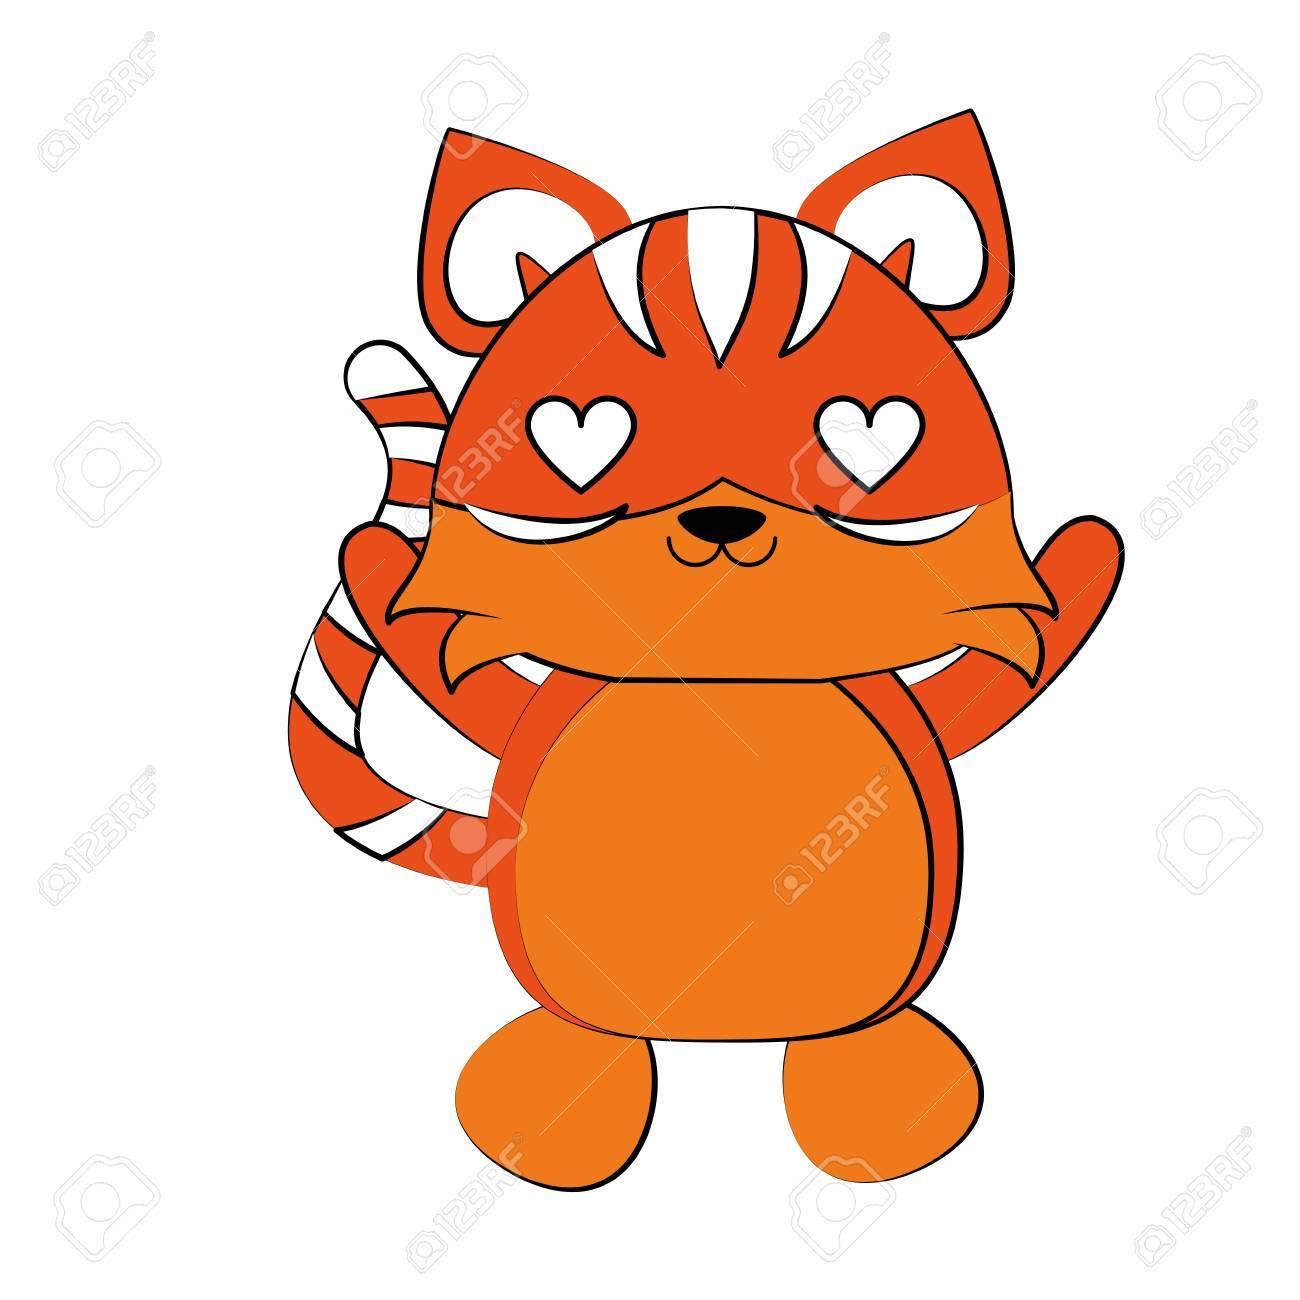 虎心の目かわいい動物漫画アイコン画像とベクトル イラスト デザイン